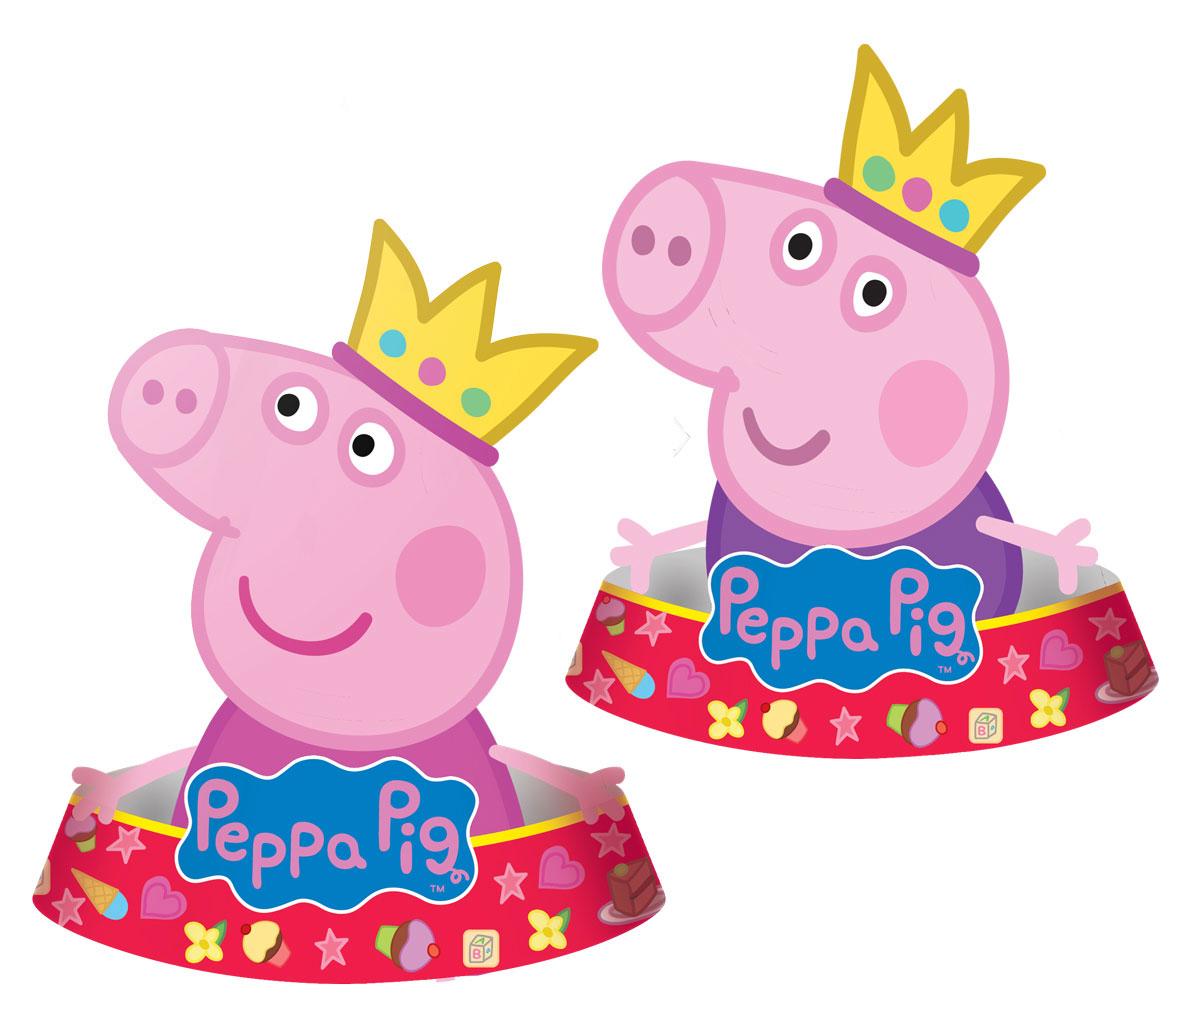 Peppa Pig Колпак фигурный Пеппа-принцесса 6 шт28Яркие колпачки Пеппа-принцесса в виде Свинки Пеппы приведут в восторг любого ребенка! В наборе 6 фигурных бумажных колпаков: 3 - в виде Пеппы, 3 - в виде Джорджа. Также из данной серии вы можете выбрать стаканы, тарелки, язычки, дудочки, подарочный набор посуды, приглашение в конверте, скатерть, маски, тиары, гирлянду и другие товары.